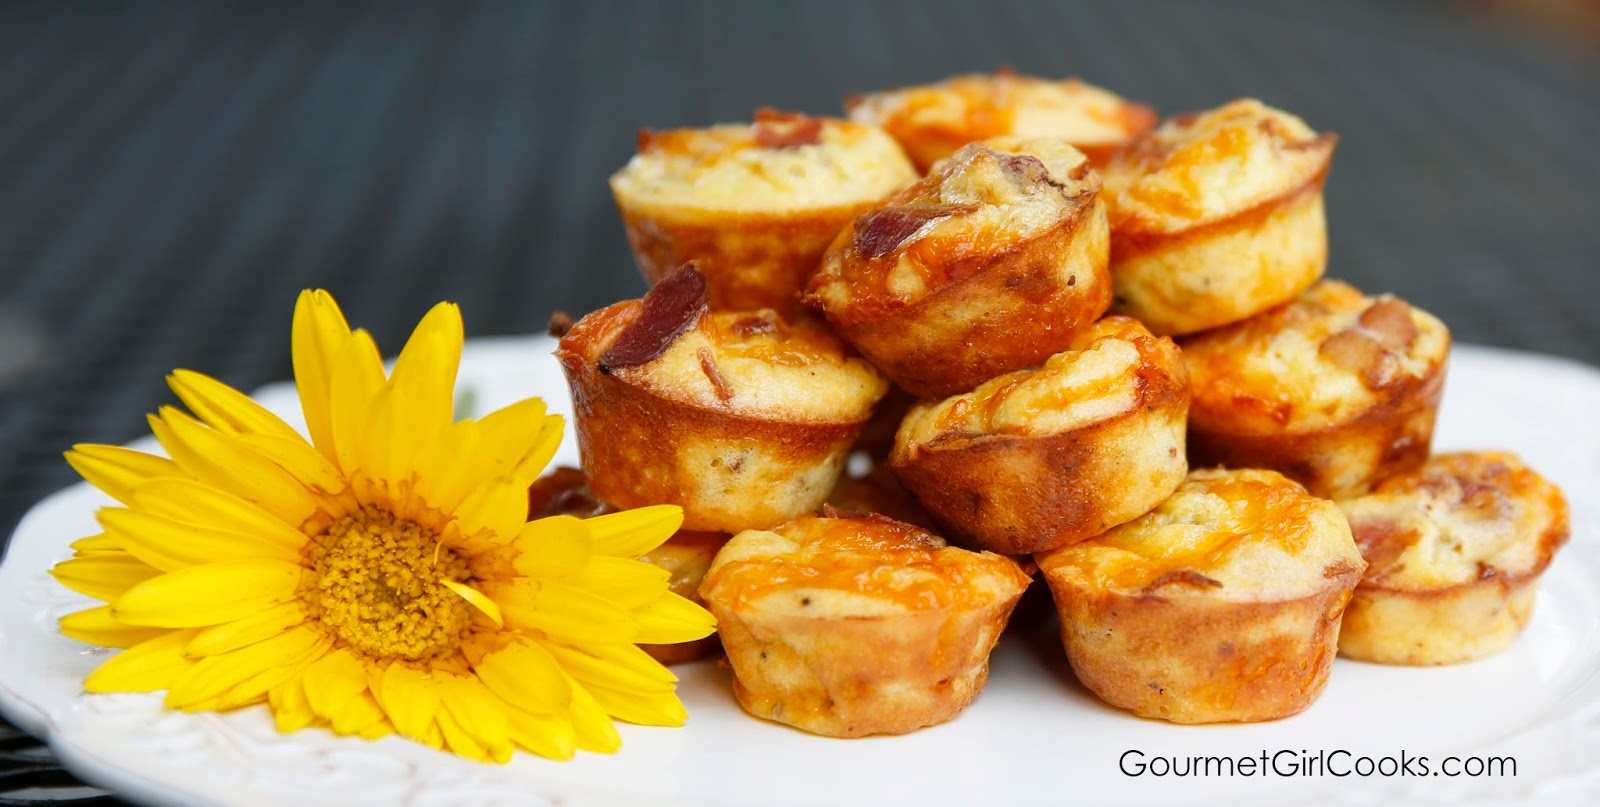 Gourmet girl cooks new recipe easy breakfast bites low carb gourmet girl cooks new recipe easy breakfast bites low carb delicious forumfinder Images